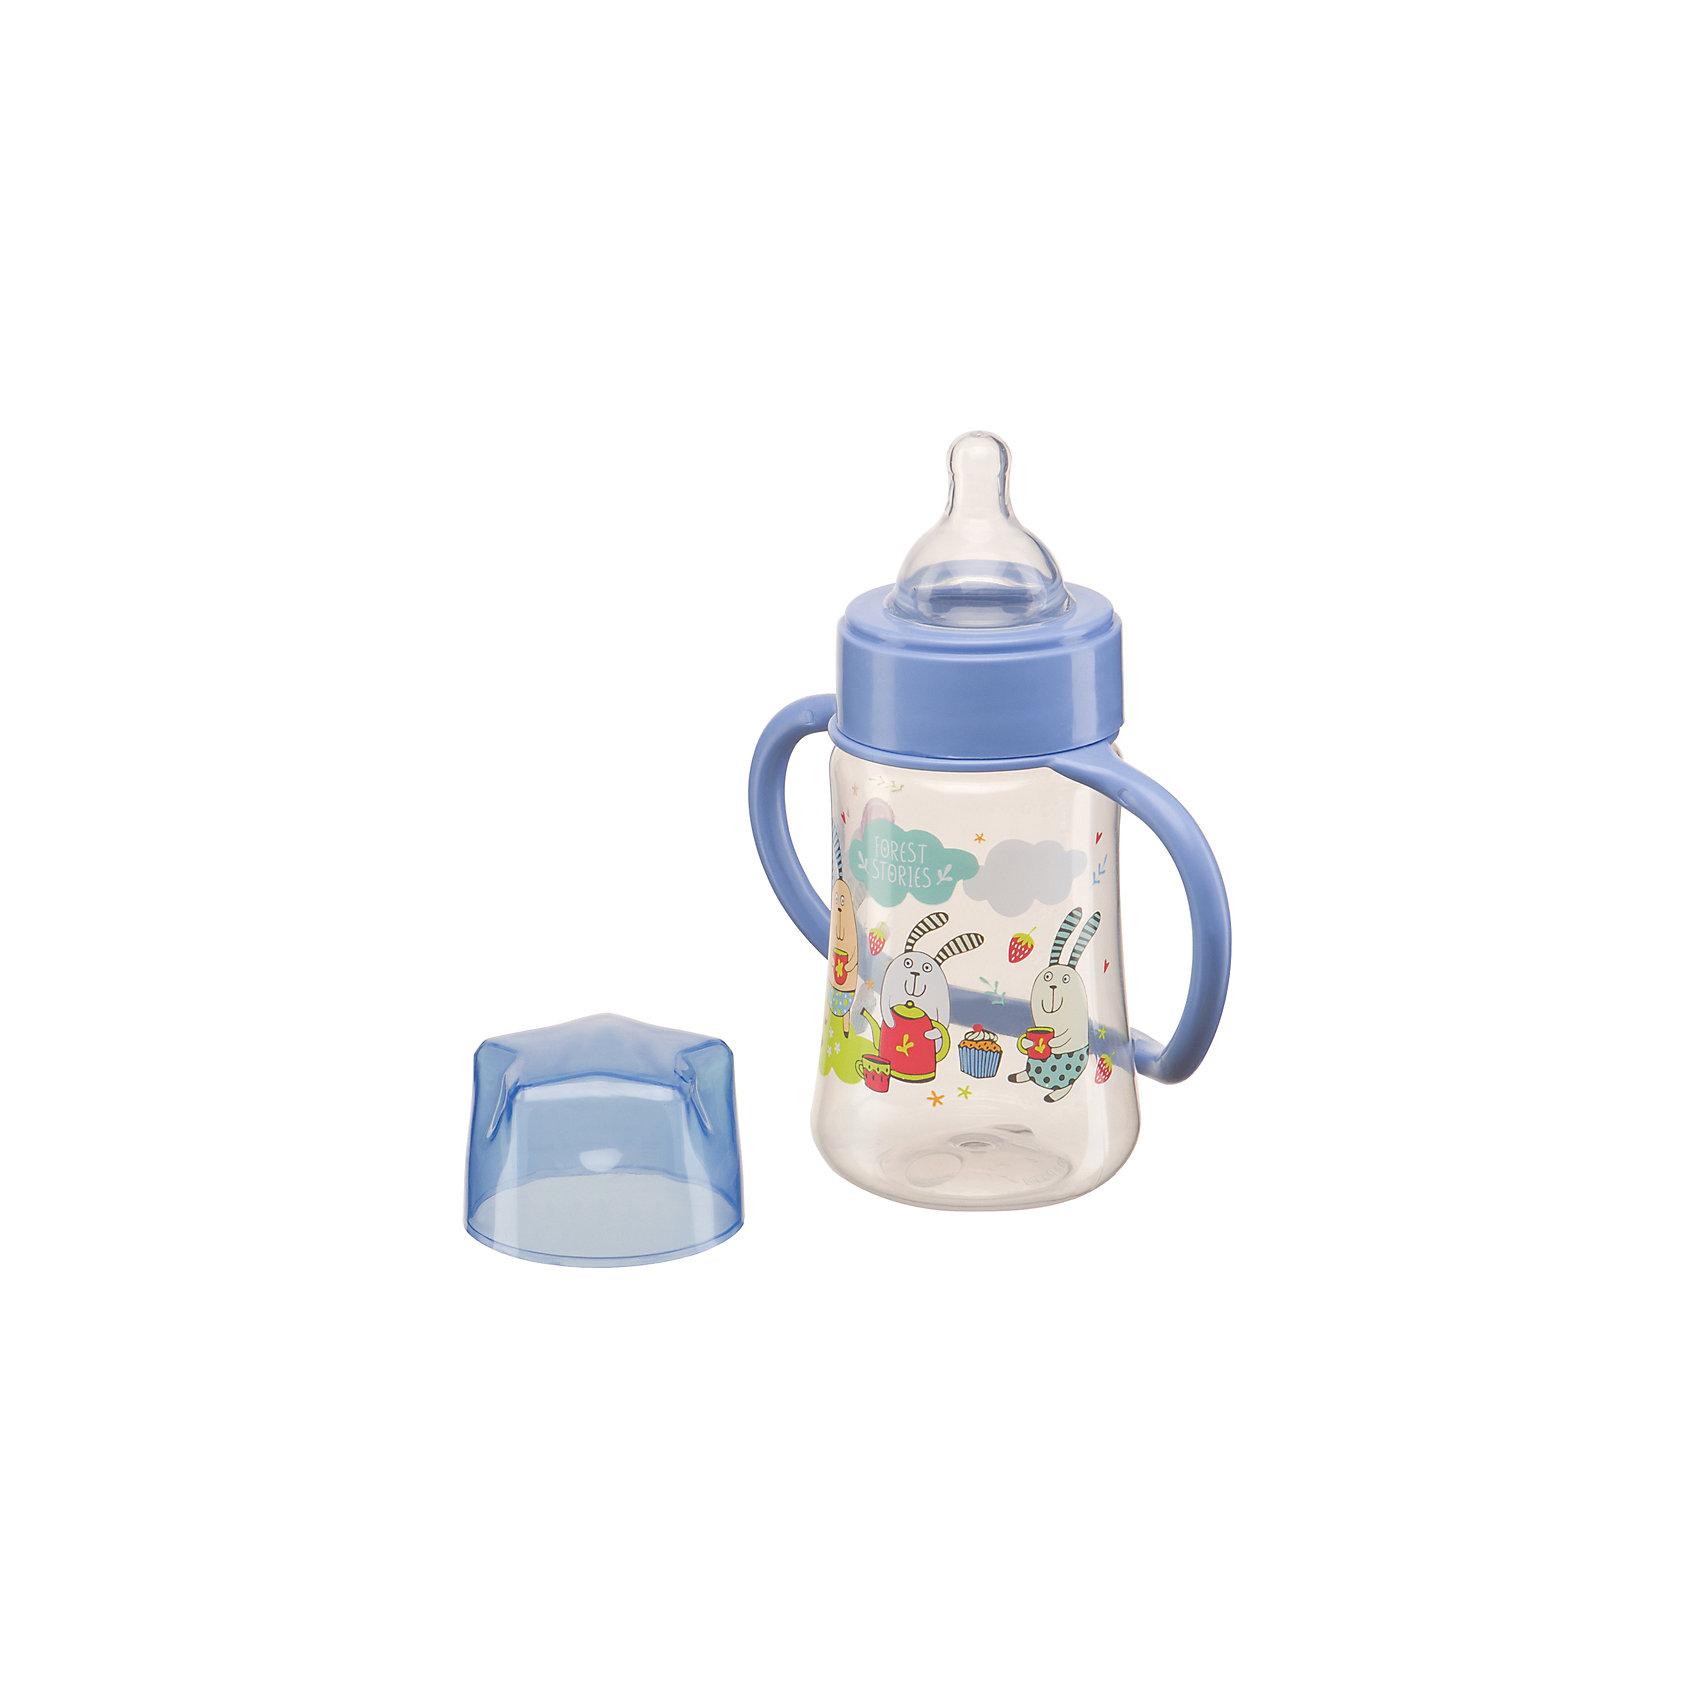 Happy Baby Бутылочка для кормления с ручками, 250 мл, Happy Baby, сиреневый baby игрушка мой веселый утюг baby сиреневый